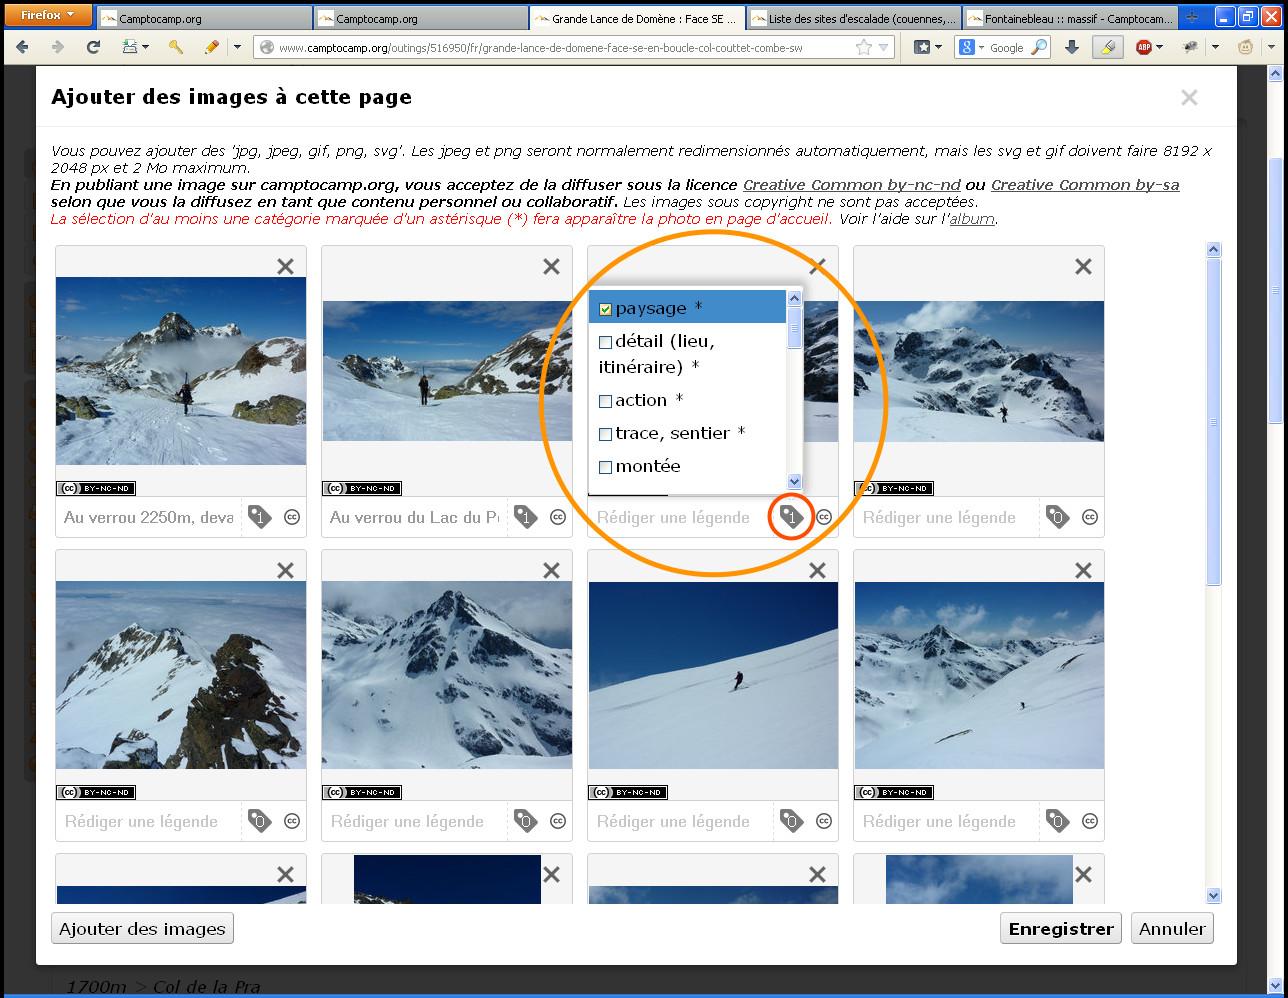 Choix des catégories de l'image lors de l'enregistrement